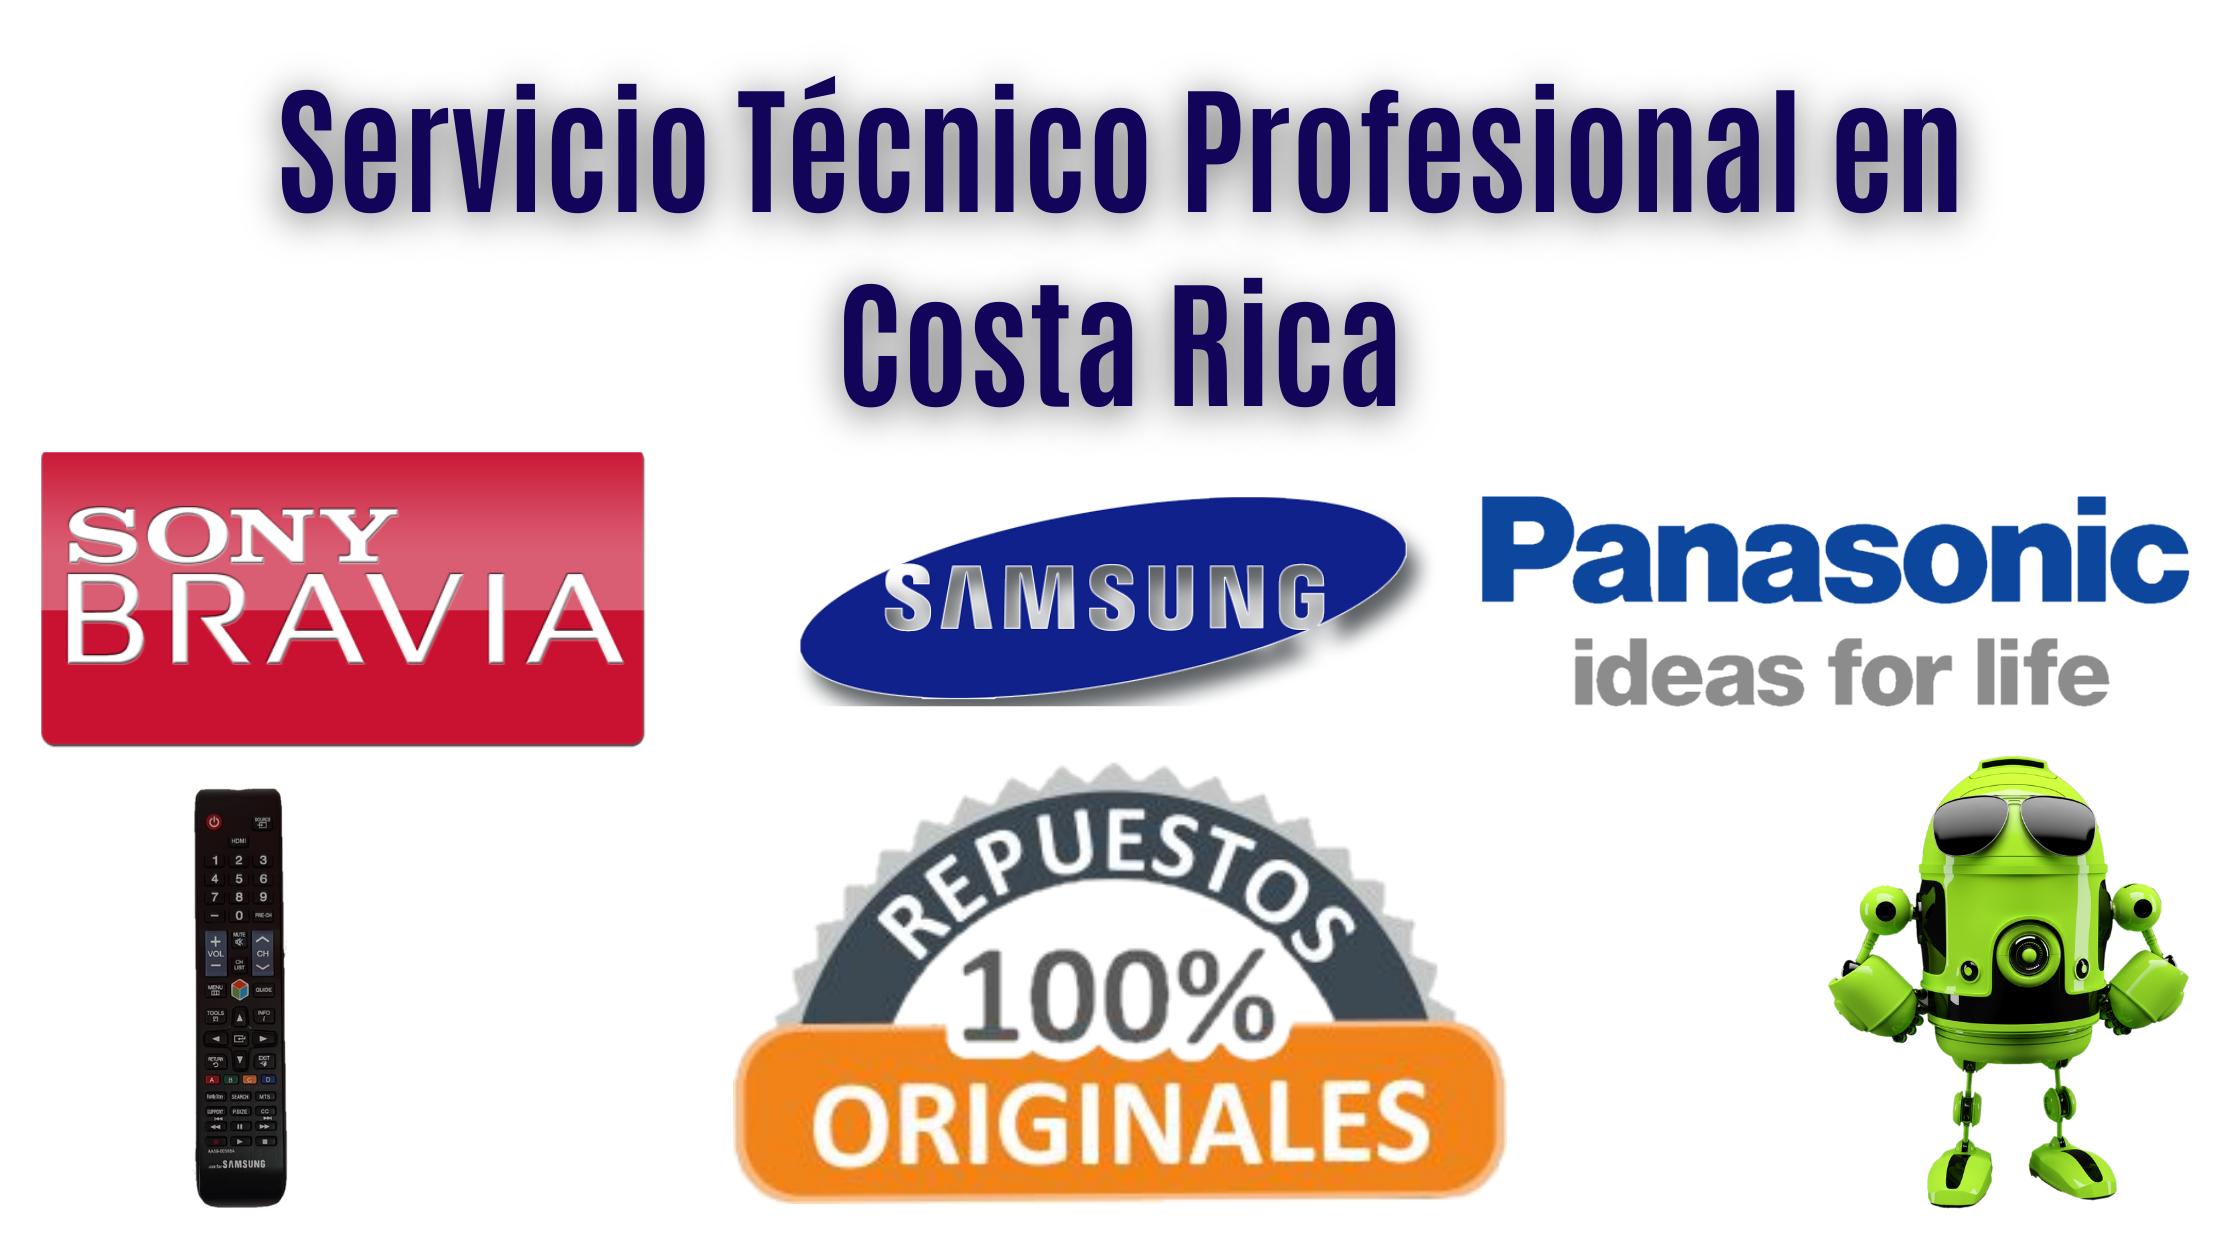 Taller de televisores y venta de tarjetas electrónicas en Costa Rica